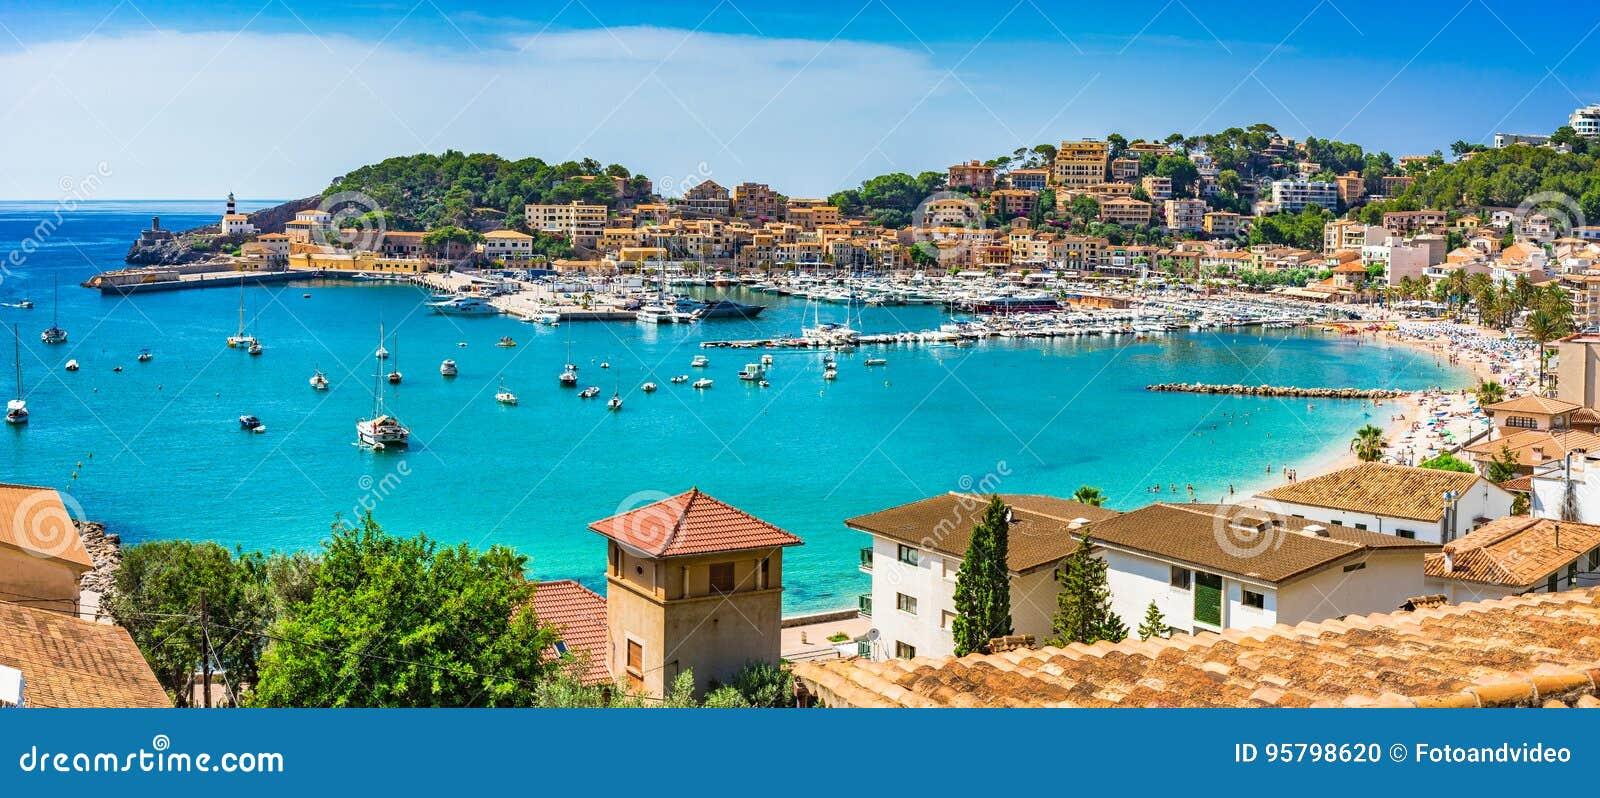 Mediterranean Sea Spain Majorca Port de Soller